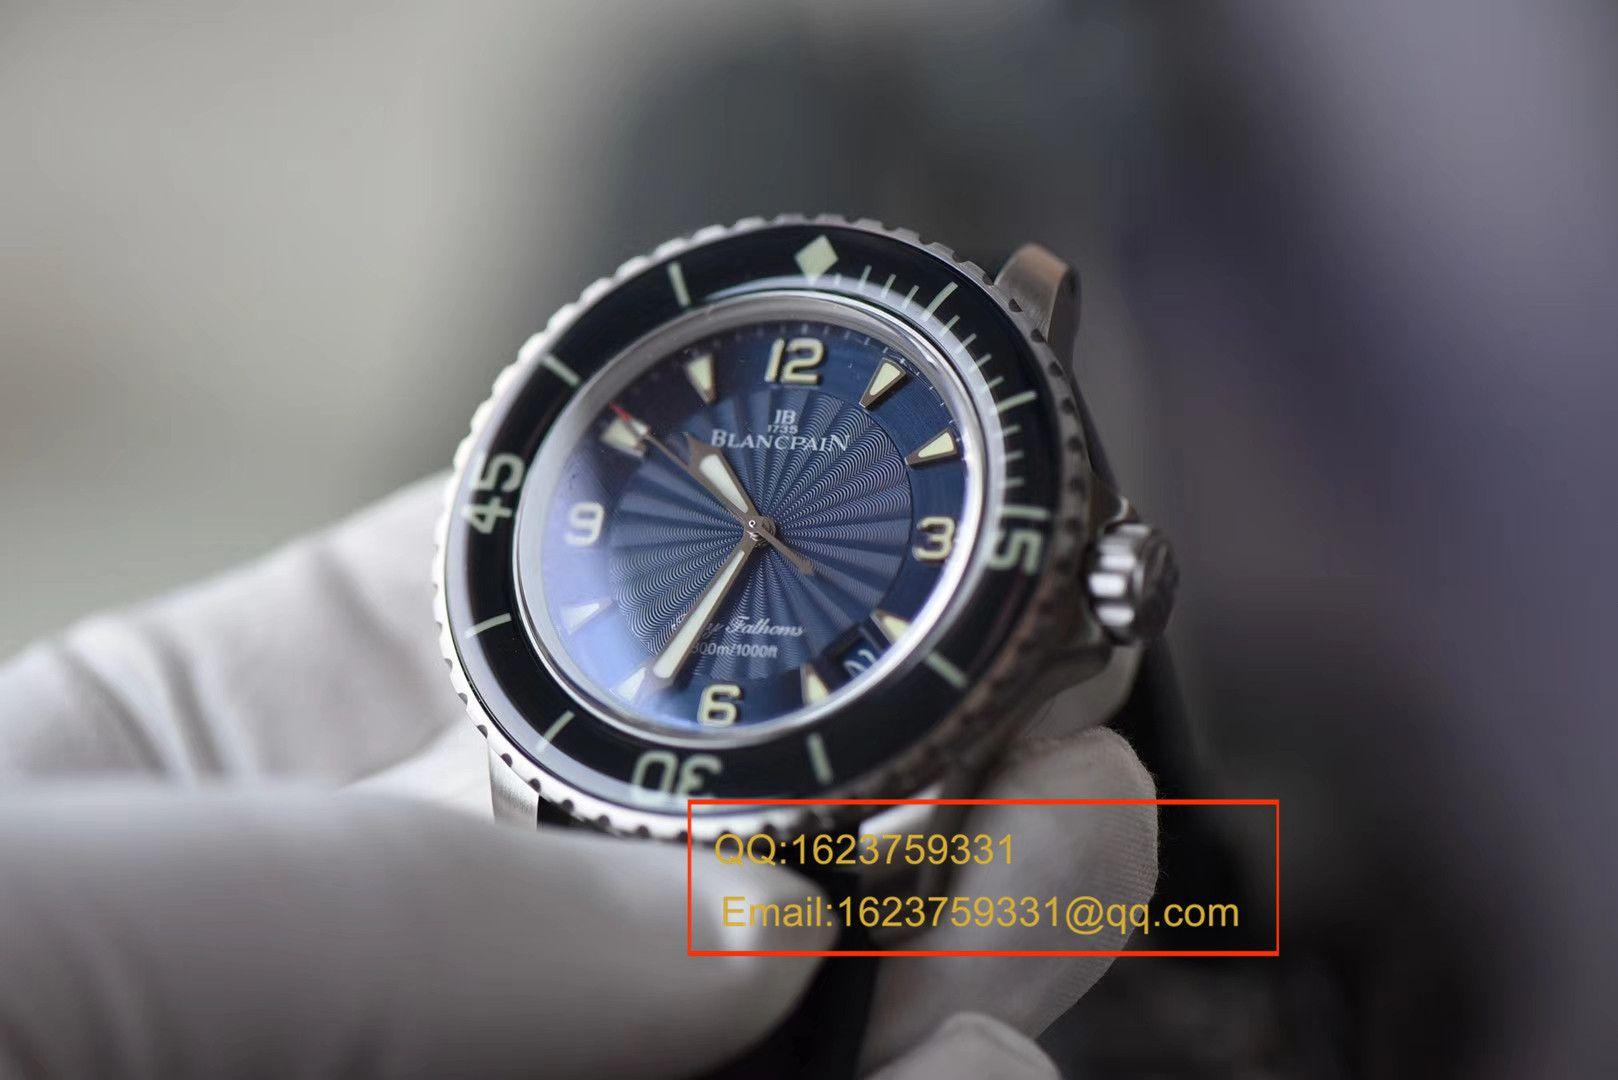 【视频评测ZF一比一超A高仿手表】宝珀Blancpain 五十噚超薄机芯系列 5015D-1140-52B蓝面腕表